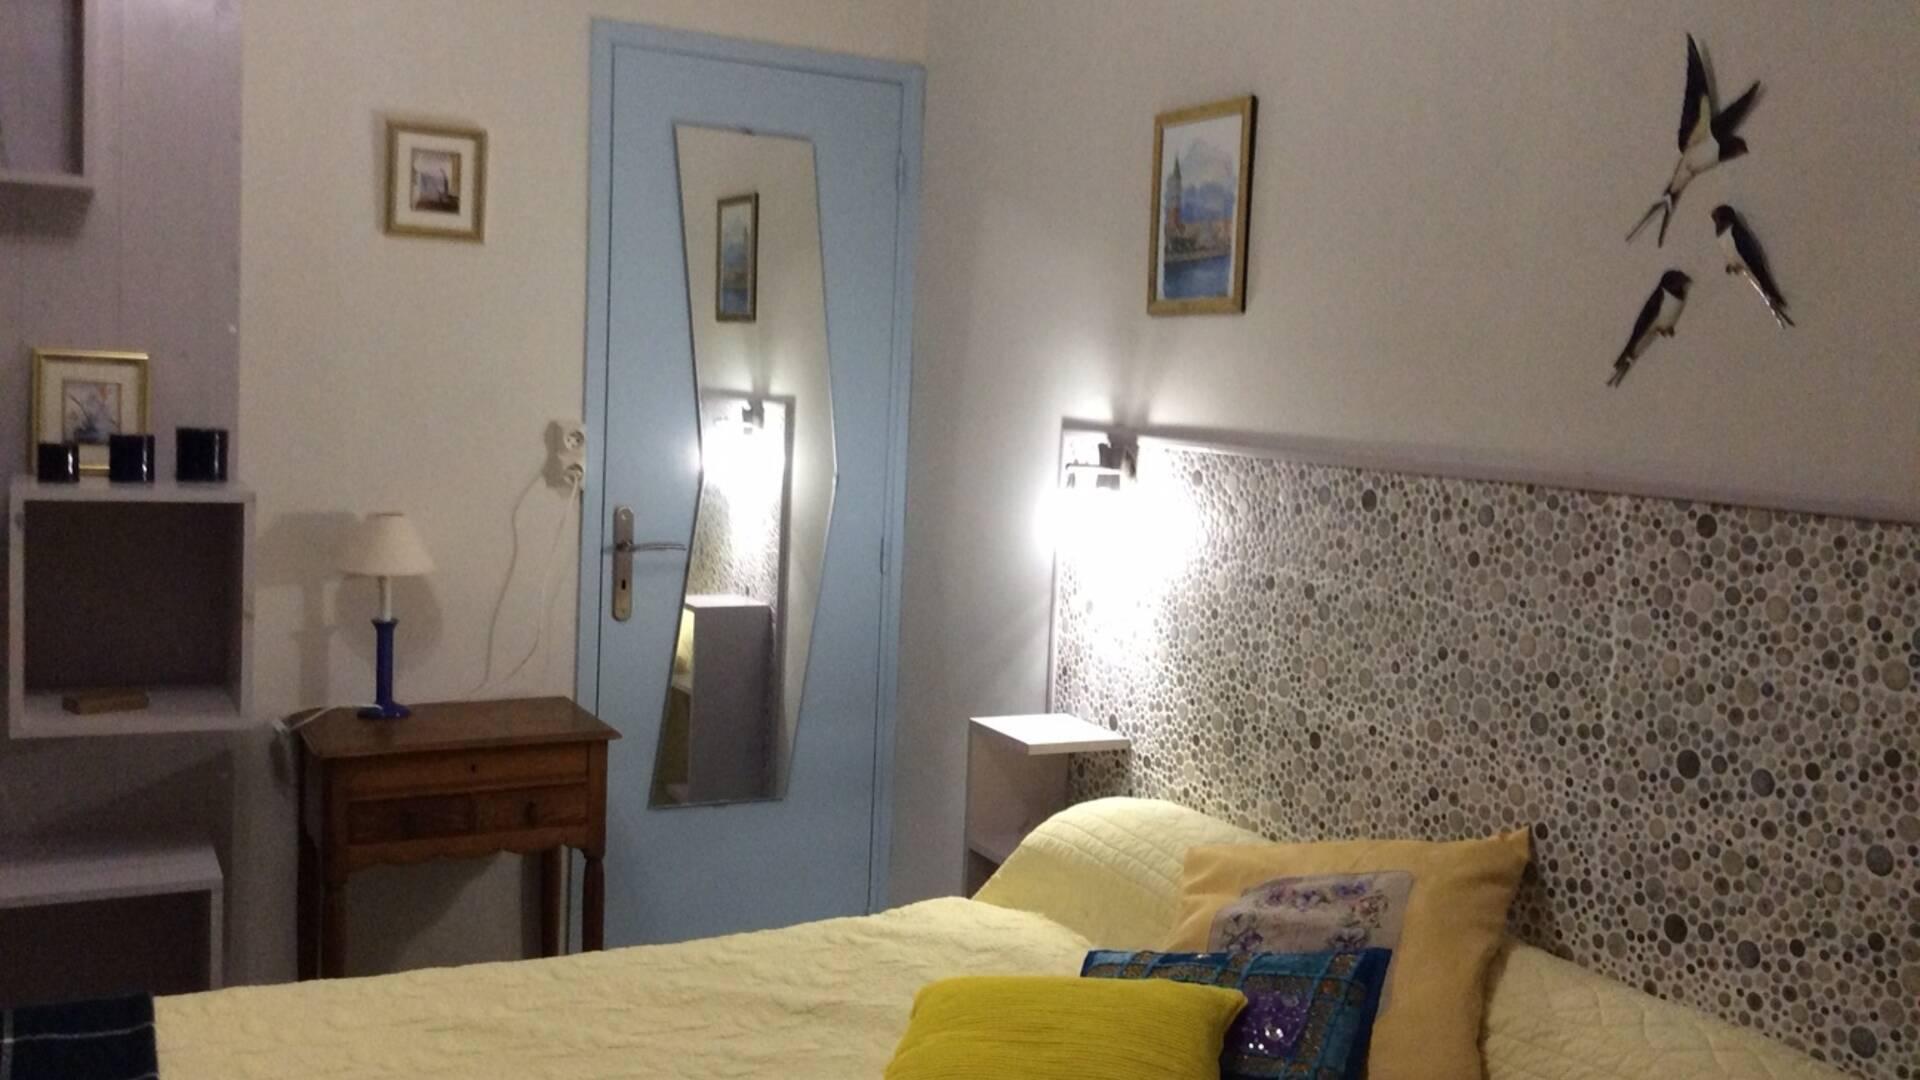 Chambres et table d'hôte Caufepé, Montamat, Lombez, Samatan, Savès, Gers, Gascogne, France